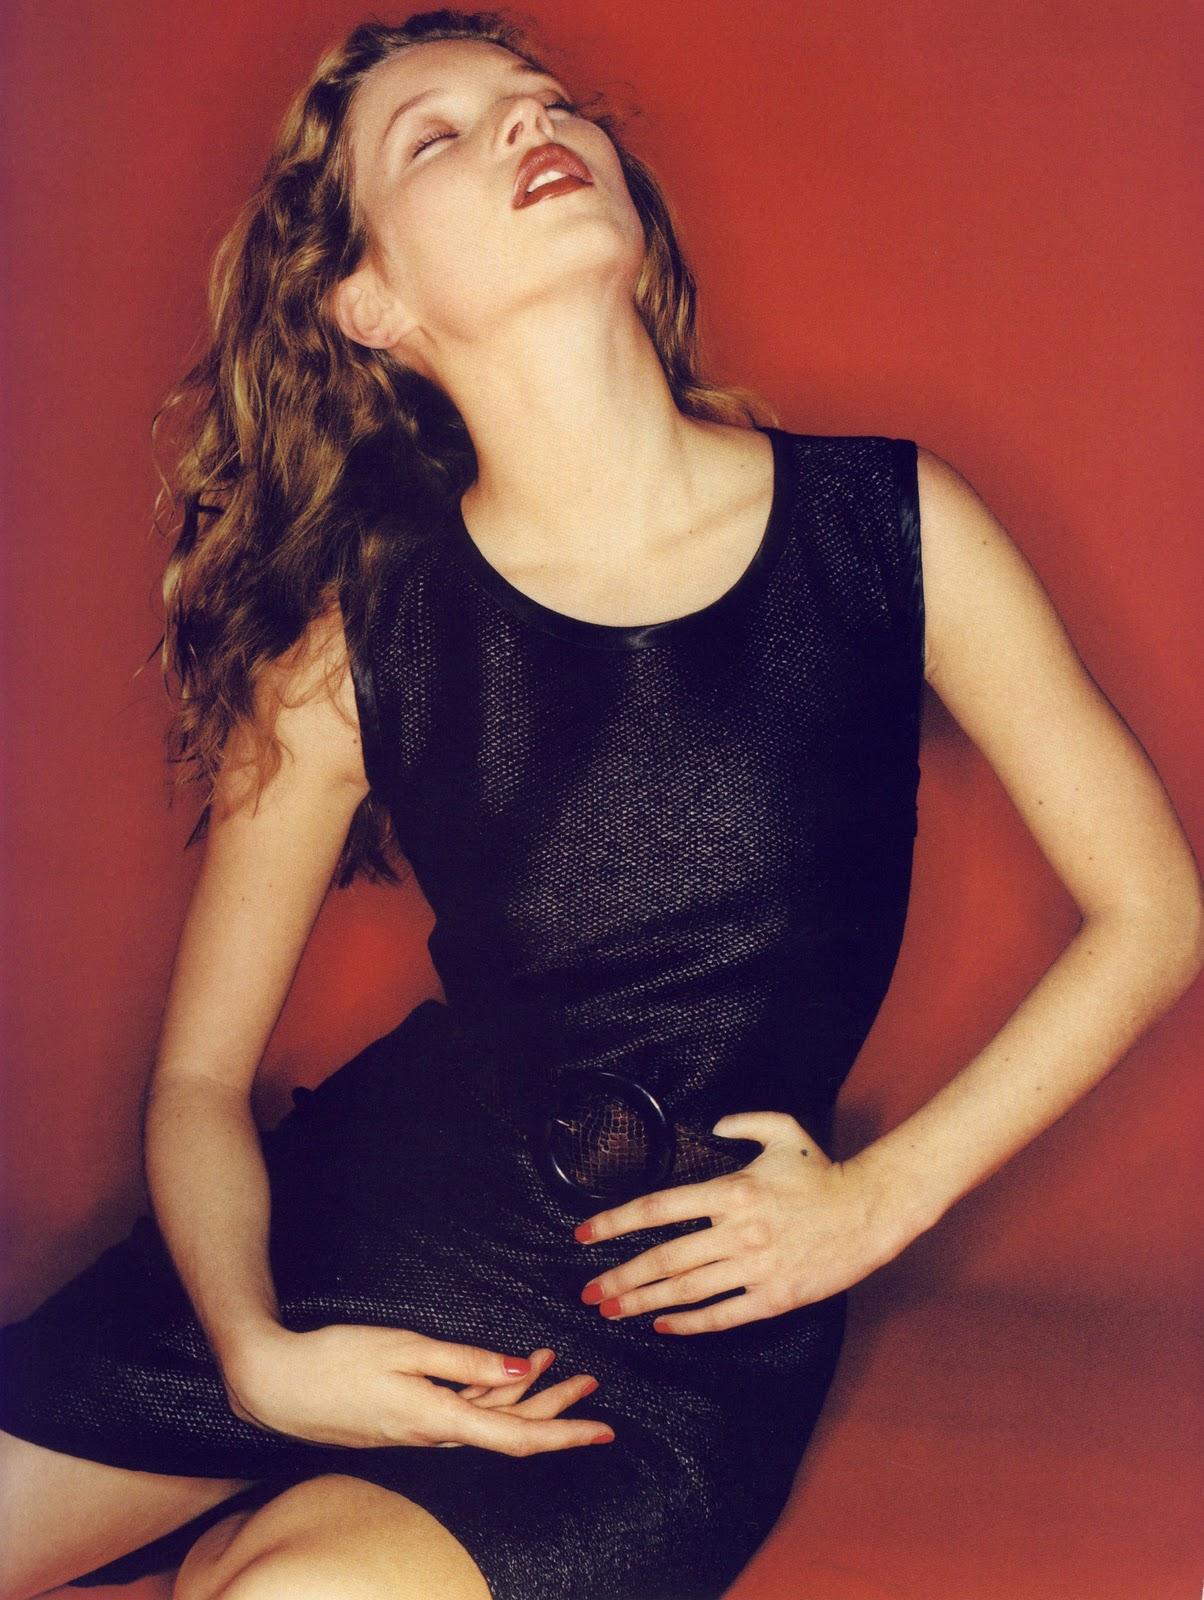 http://3.bp.blogspot.com/-dkhmwlDnNeE/TqwUBljav4I/AAAAAAAAA6M/rC2nZdNVihk/s1600/Juergen+Teller+%25C3%2597+Kate+Moss+-+Yves+Saint+Laurent+1997+Ad+Campaign+-+009.jpg